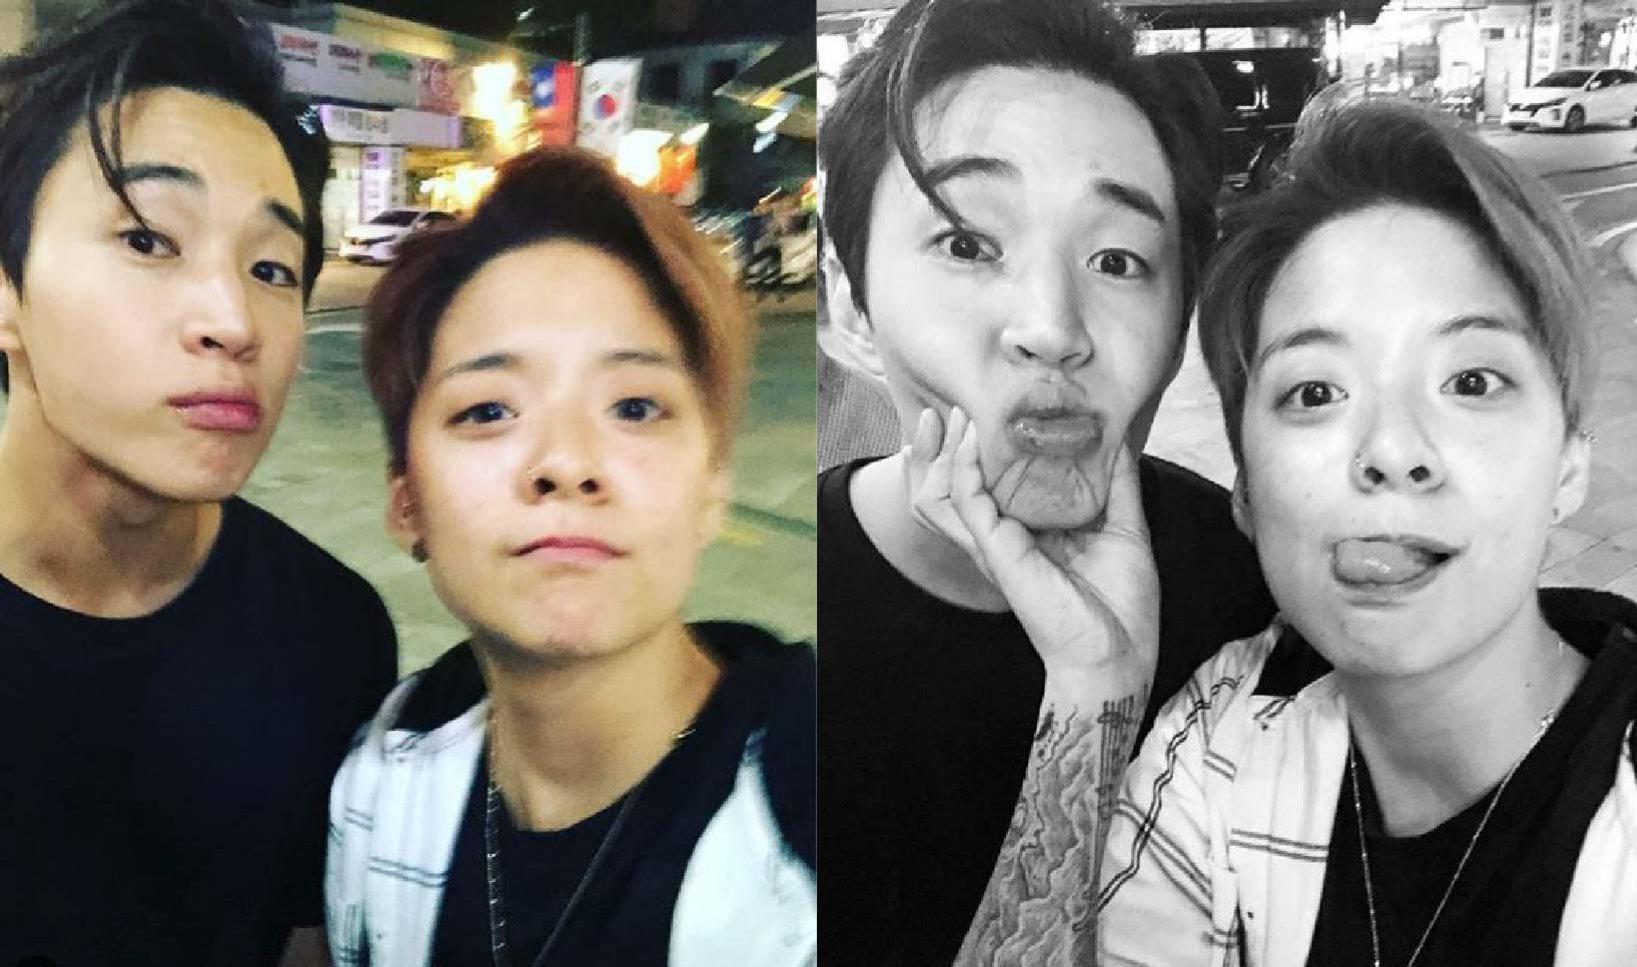 #Henry&Amber  看他們的相處模式真的會被他們笑死ㅋㅋ兩人的個性都超搞笑,同是外籍身分來到韓國發展,擁有共通語言,十分合拍